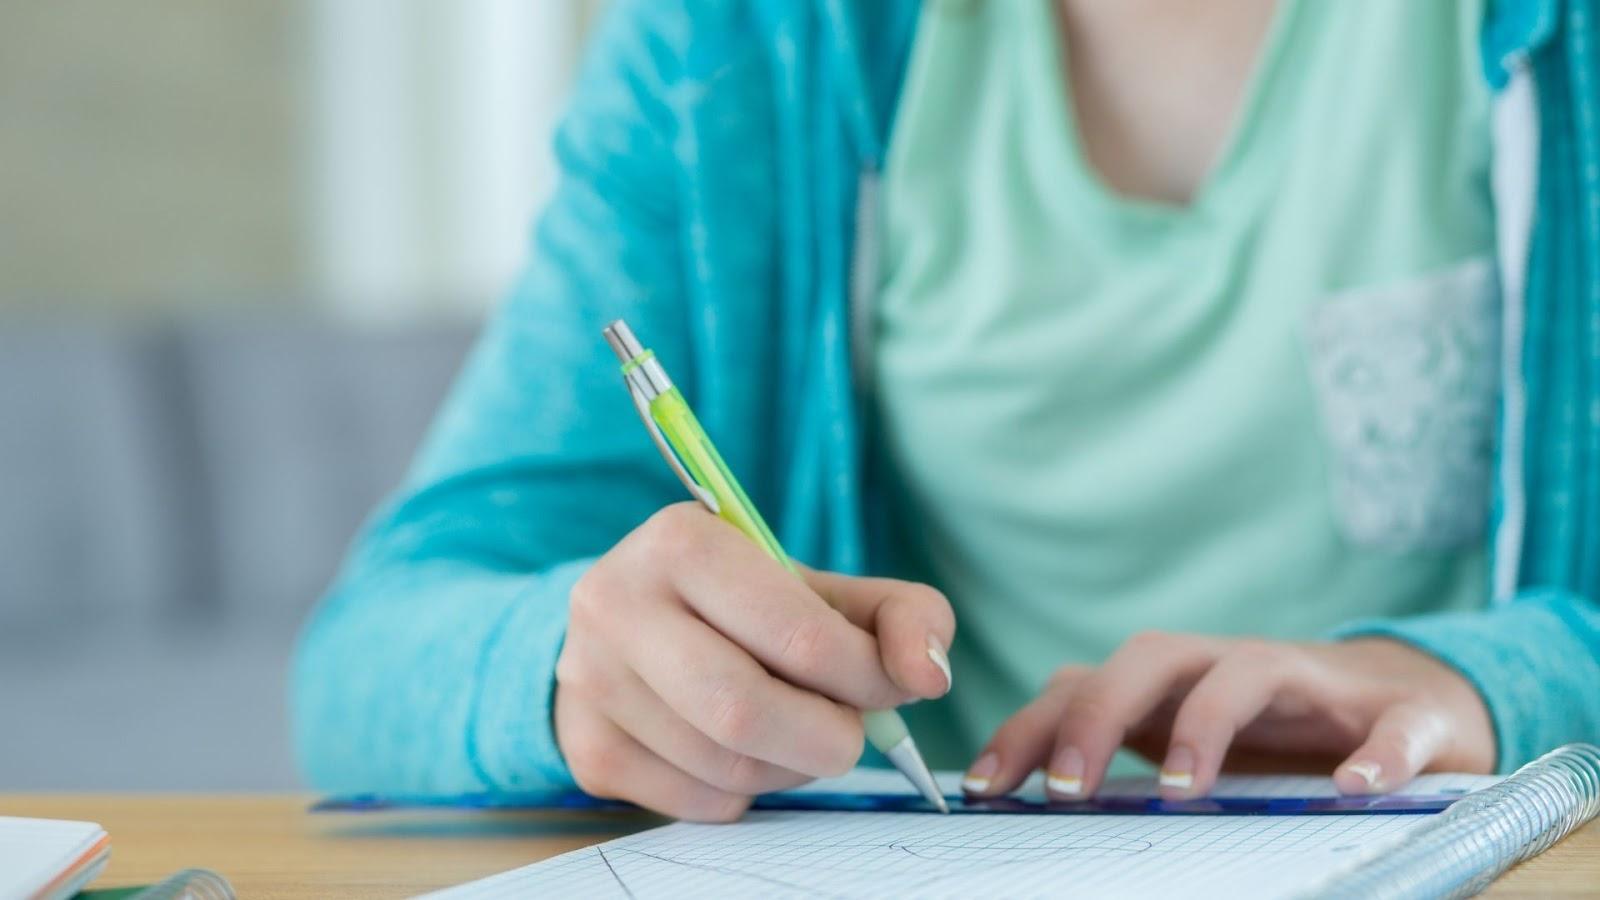 student doing a math assignment